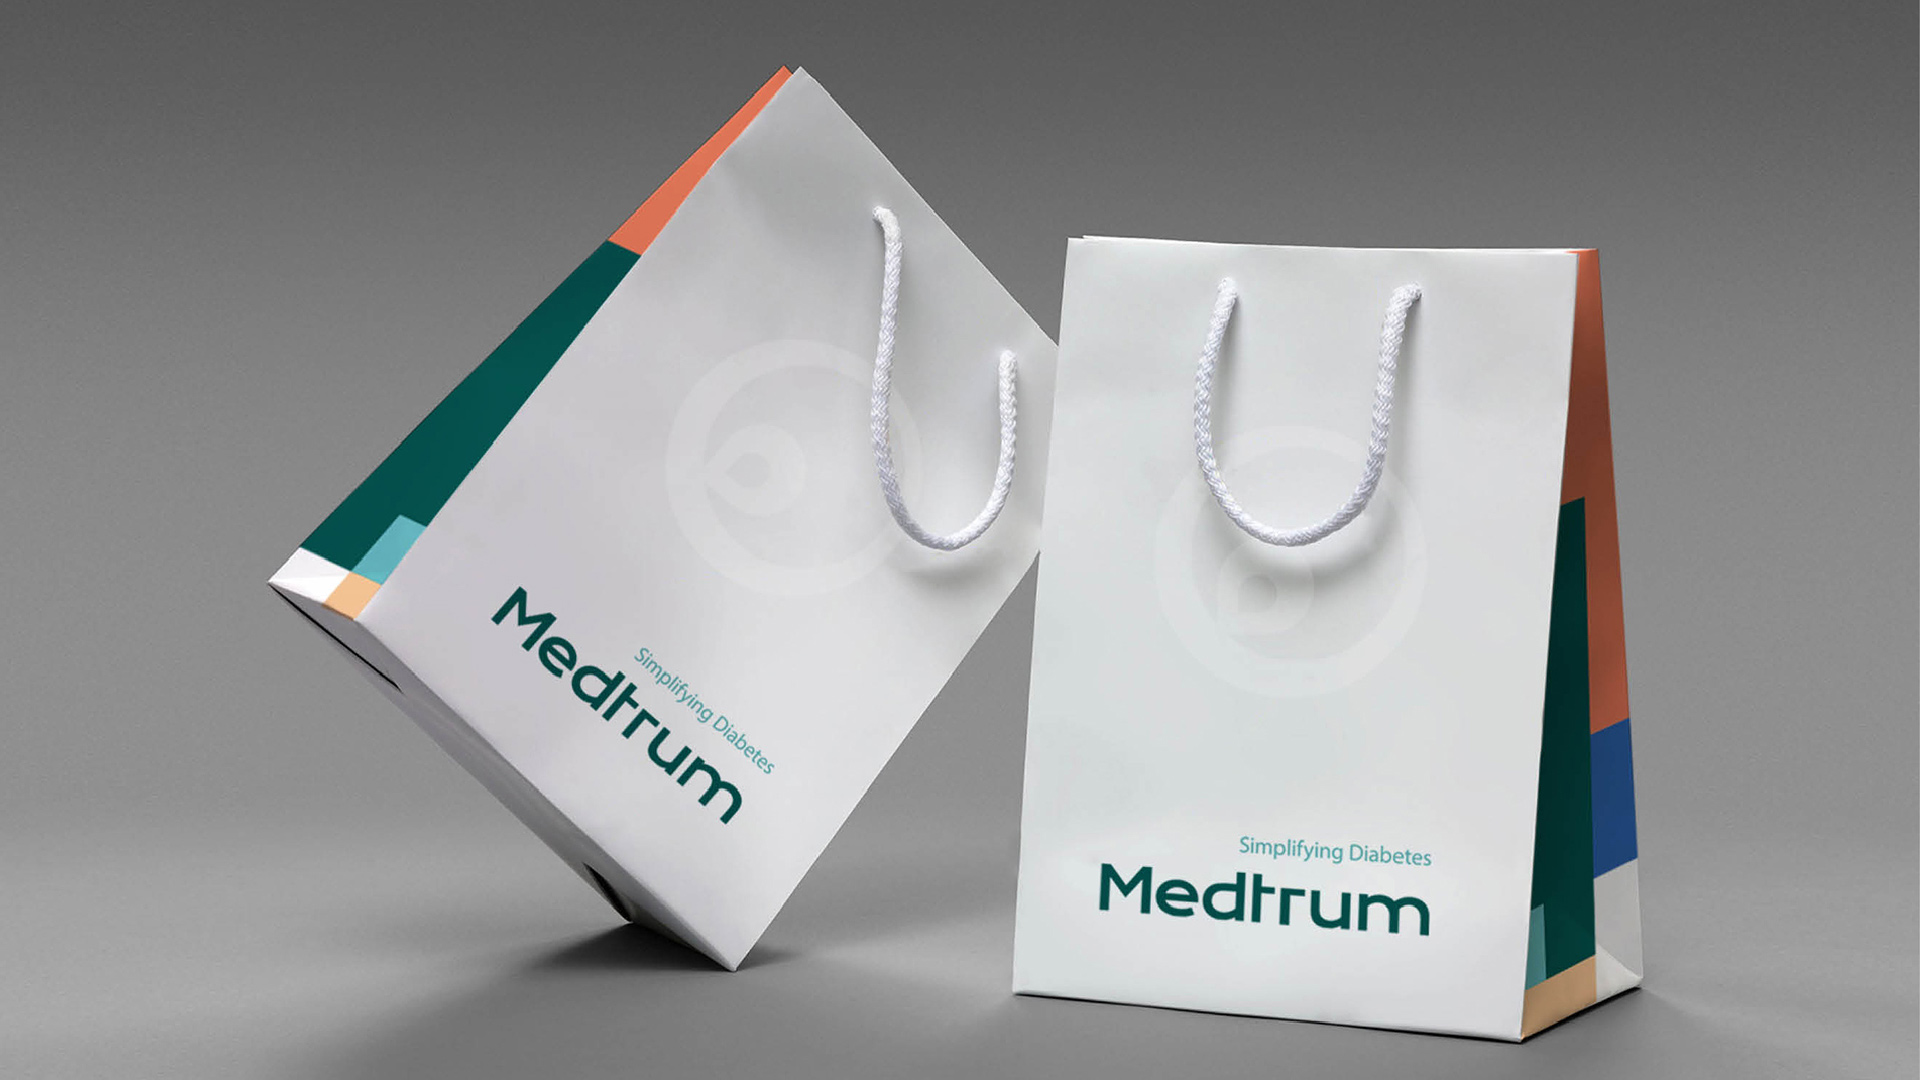 08-Medtrum